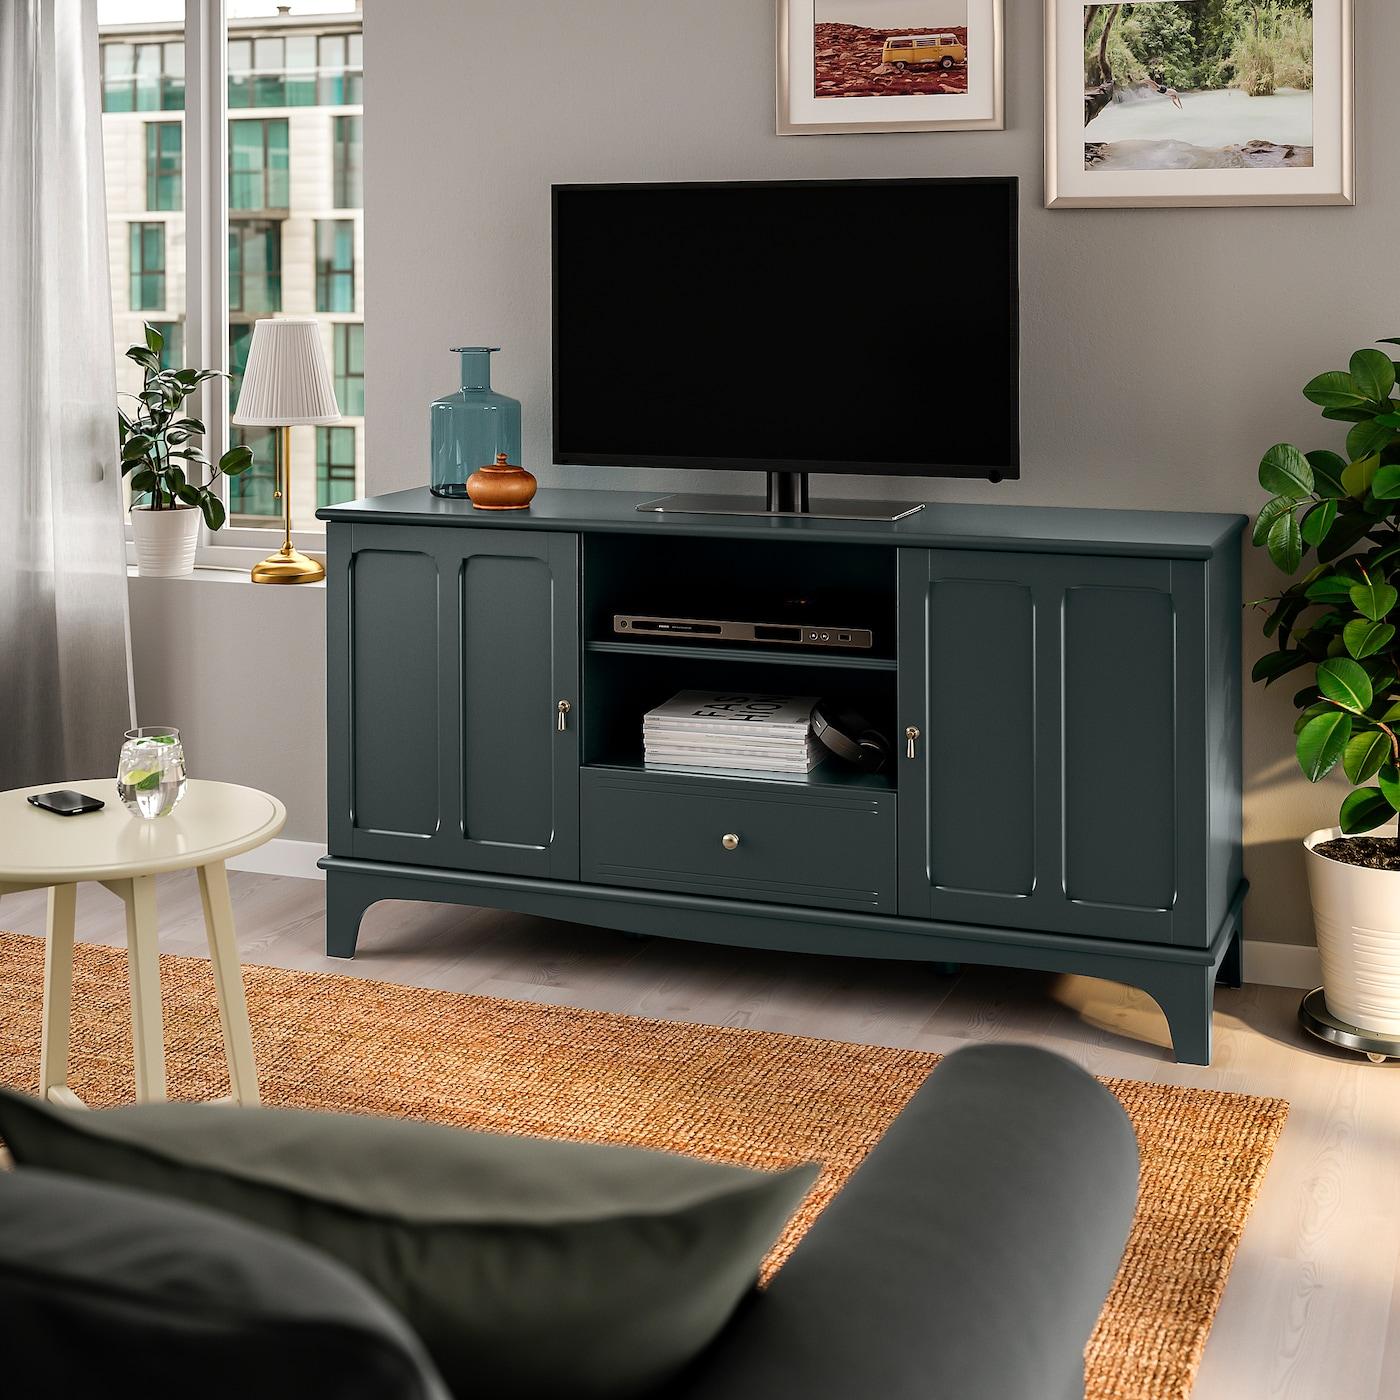 Lommarp Tv Unit Dark Blue Green 62 5 8x17 3 4x31 7 8 Ikea